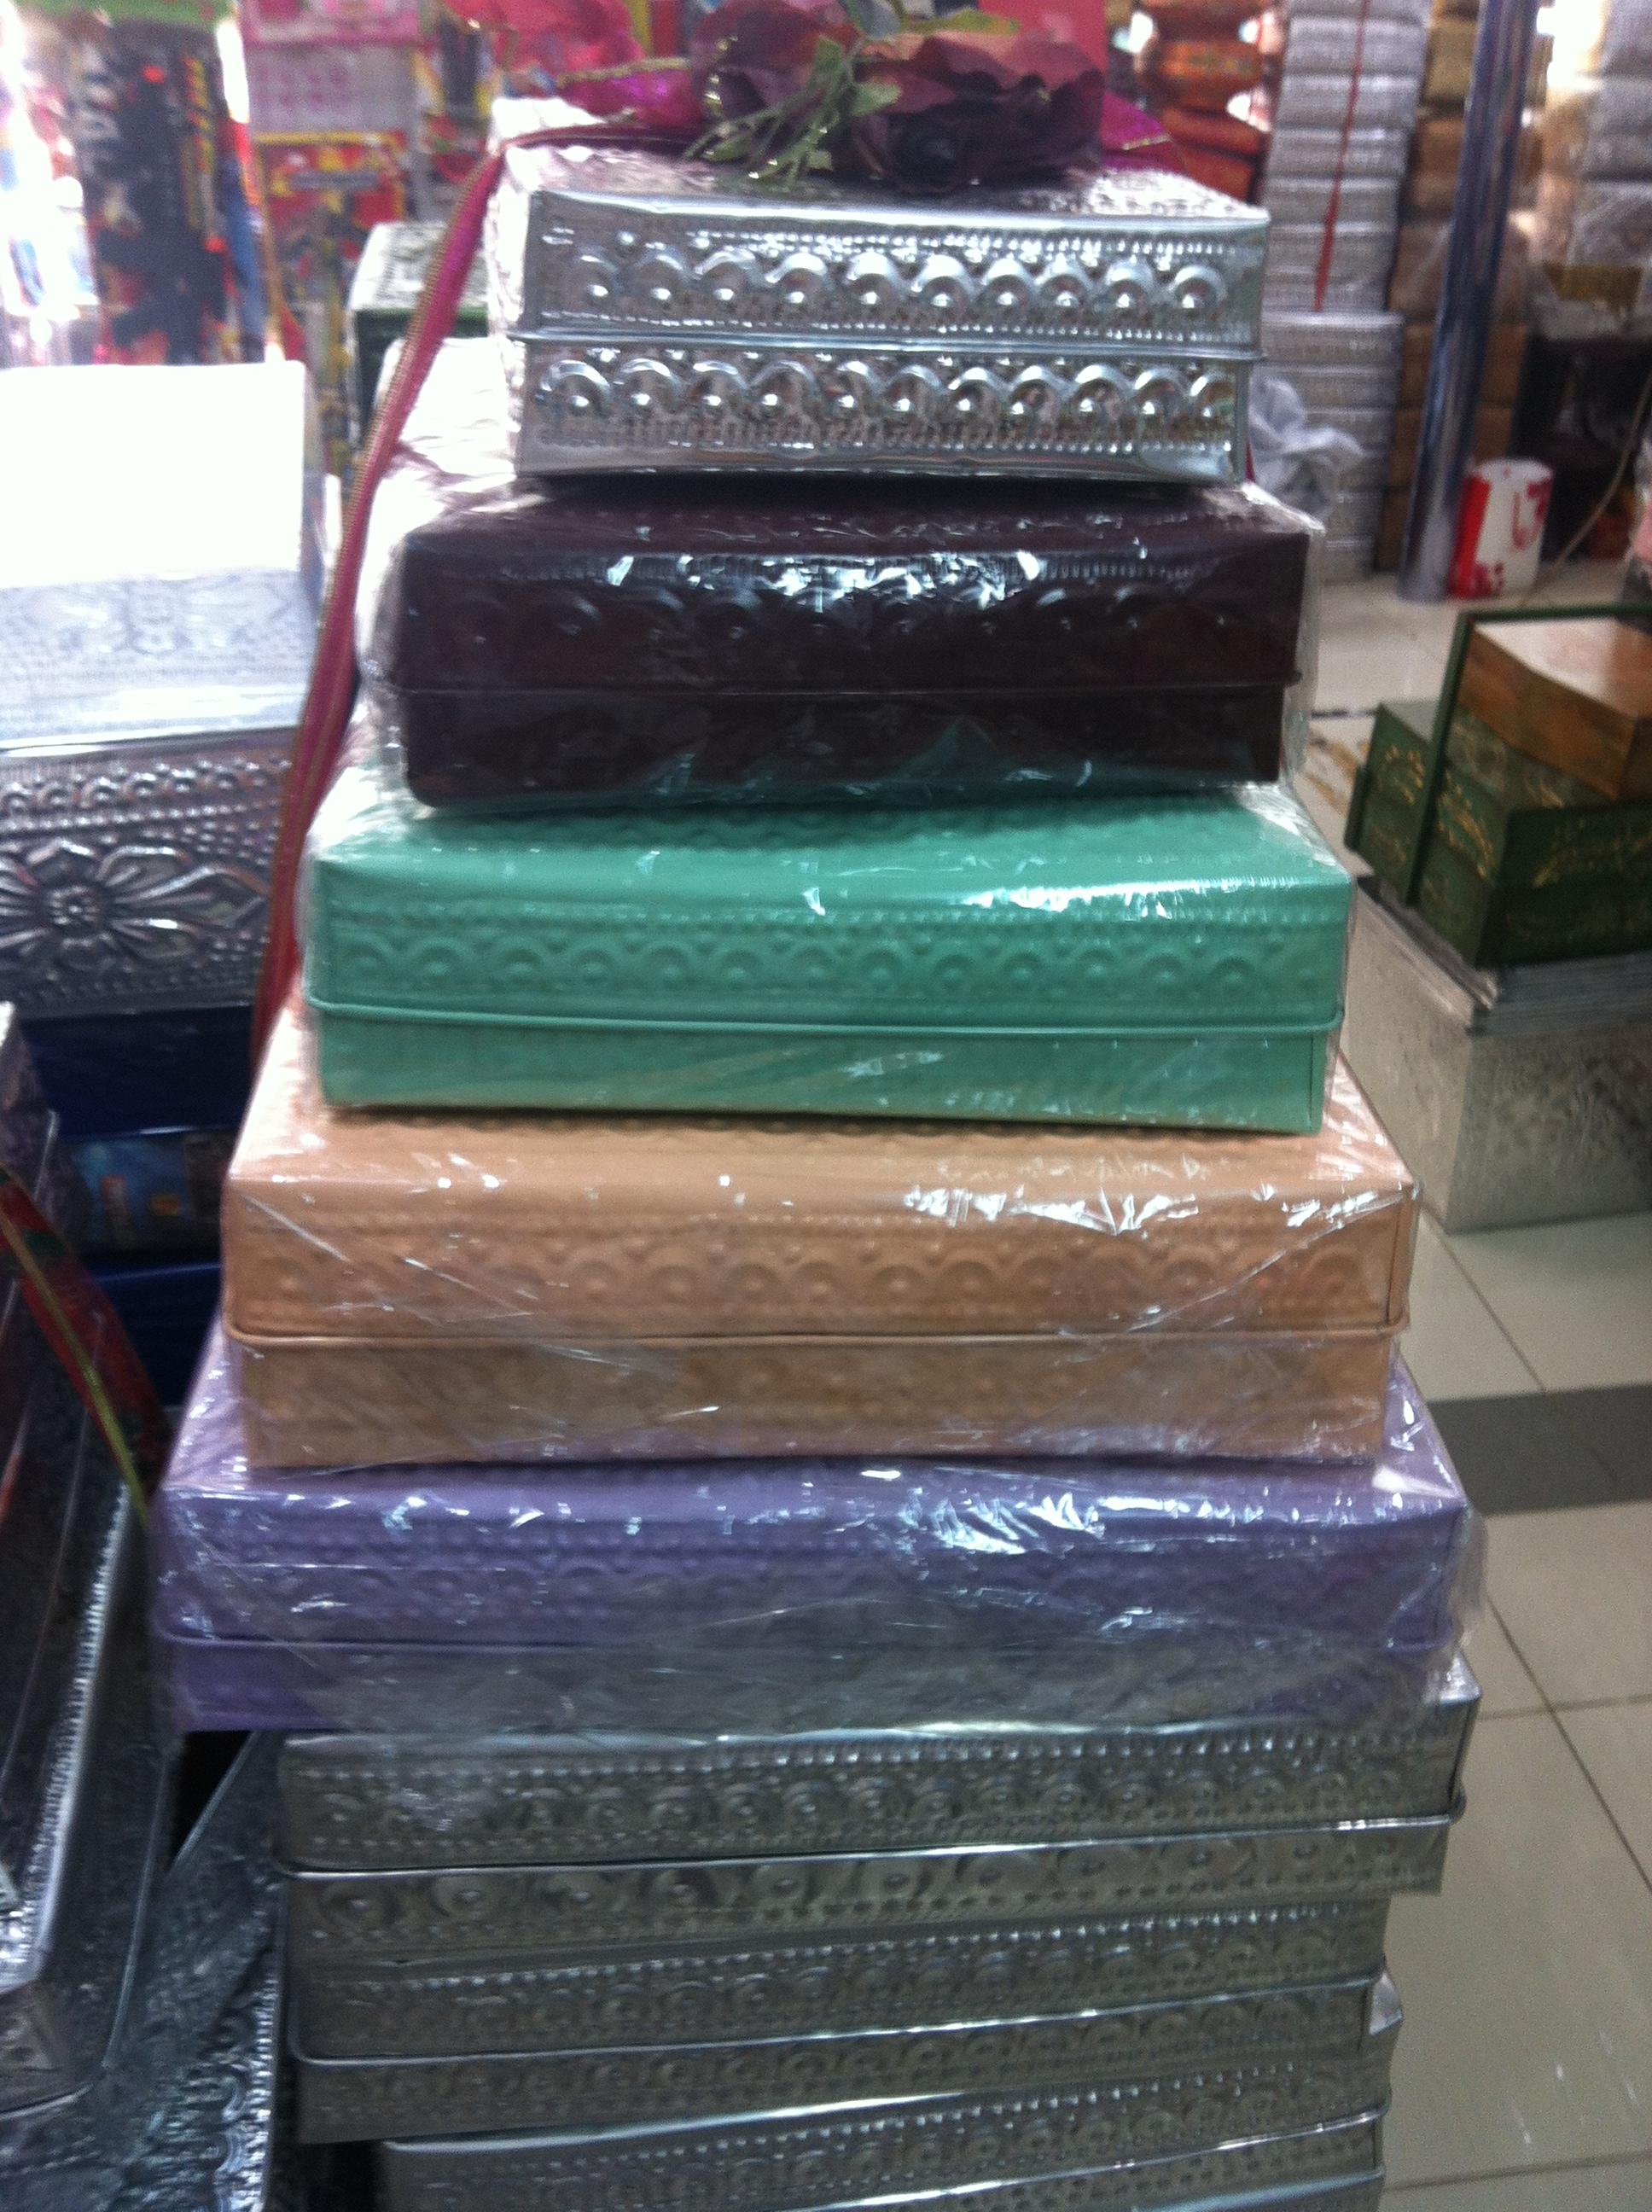 Harga Kotak Seserahan Di Asemka : harga, kotak, seserahan, asemka, Blusukan, Nyari, Kotak, Seserahan, Pasar, Mayestik, Lovely, Tales